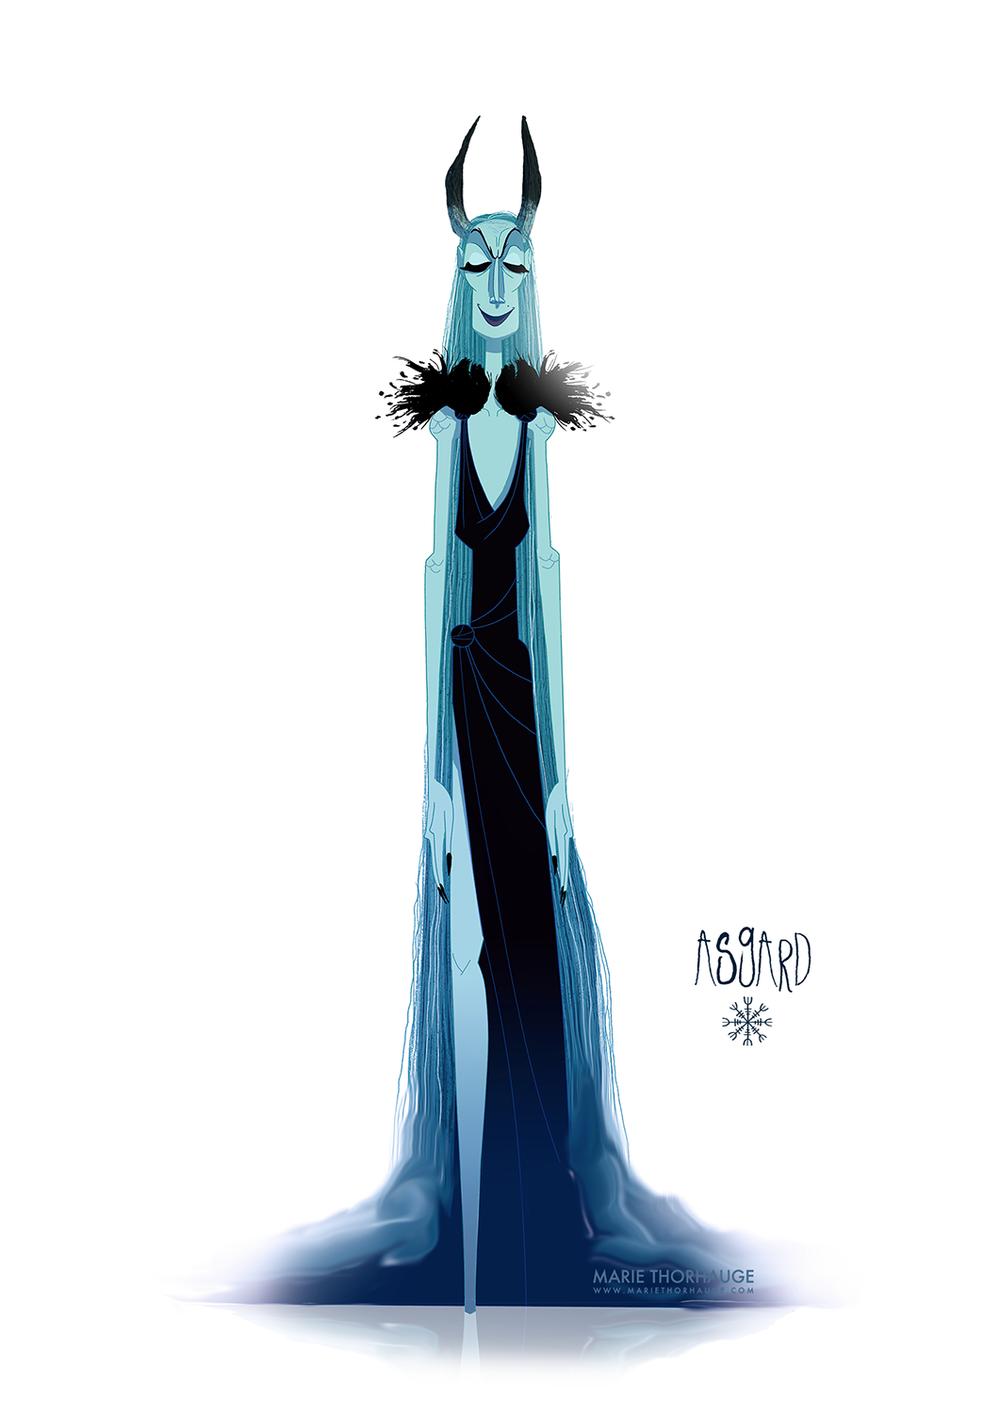 2015_Marie-Thorhauge_Asgard_Hel.png